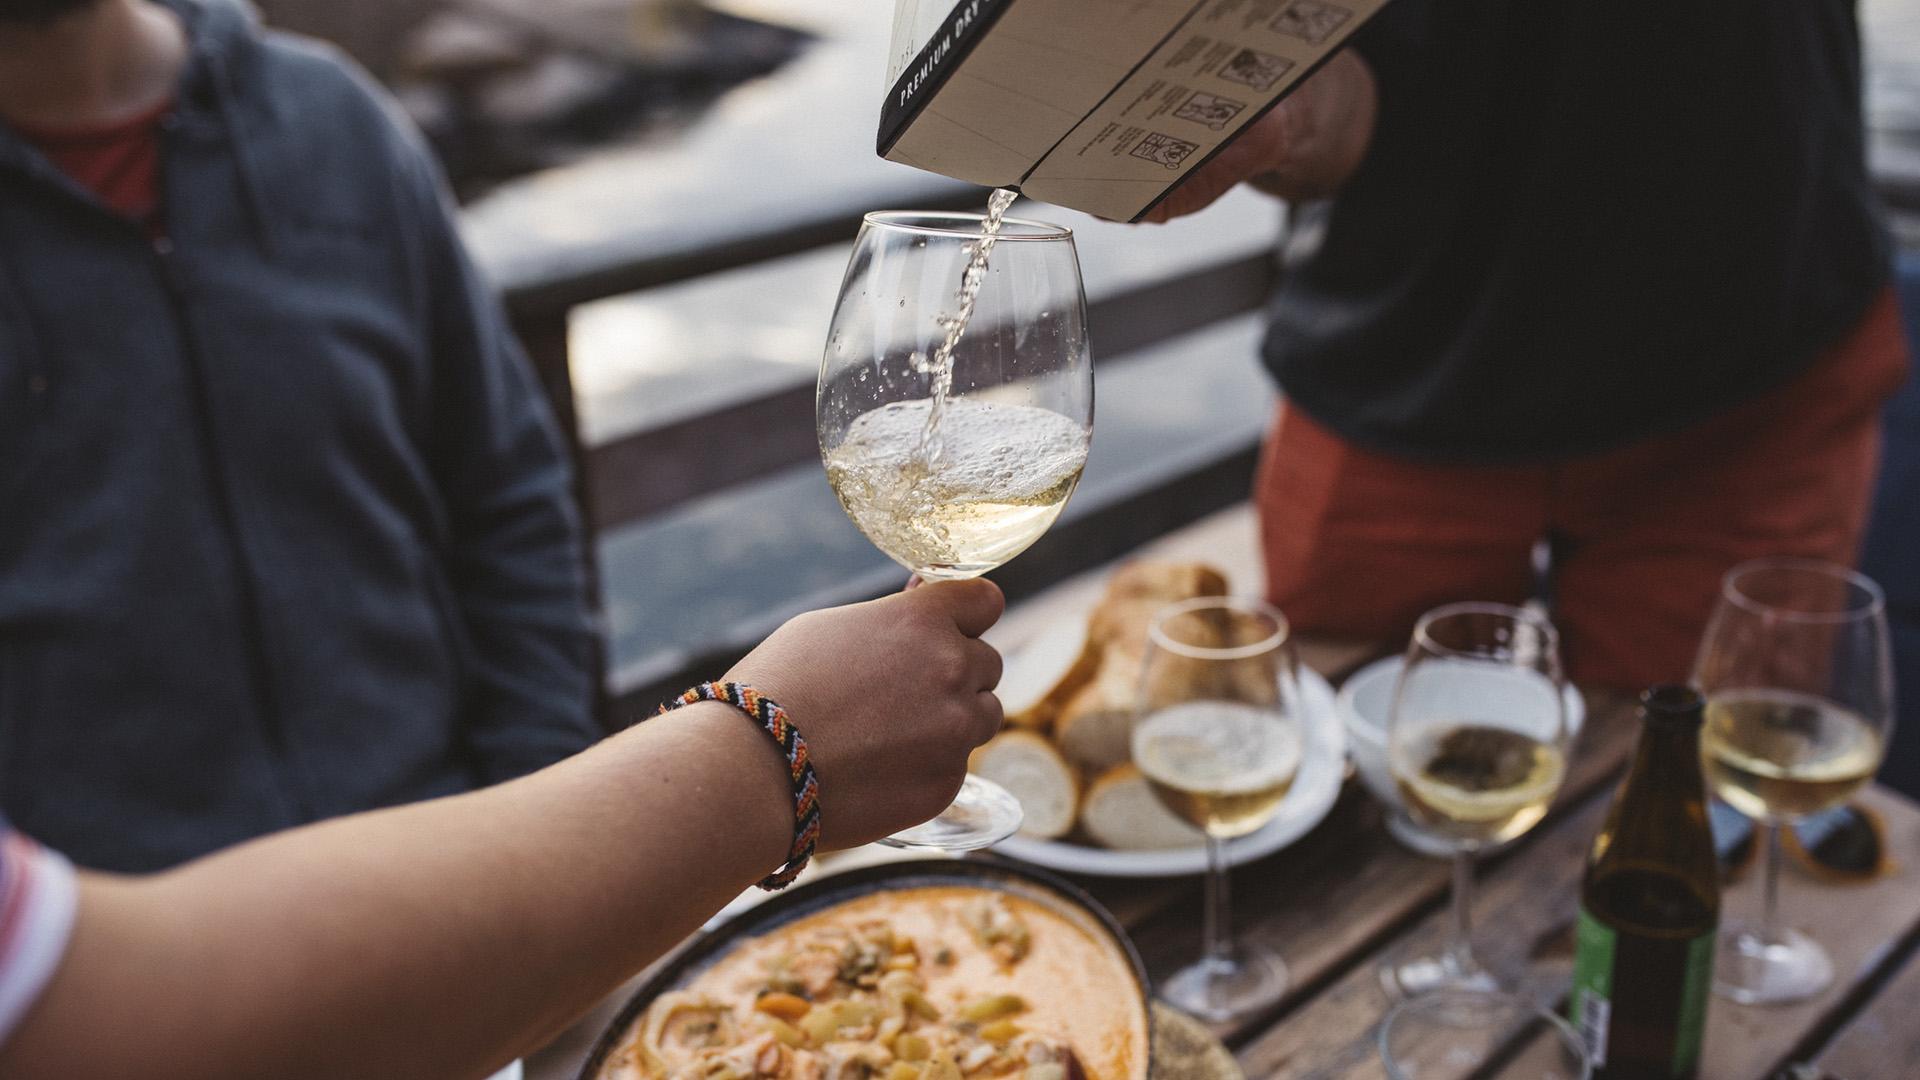 En person häller upp vitt vin från en bag-in-box i ett glas. I bakgrunden finns tallrikar med mat.